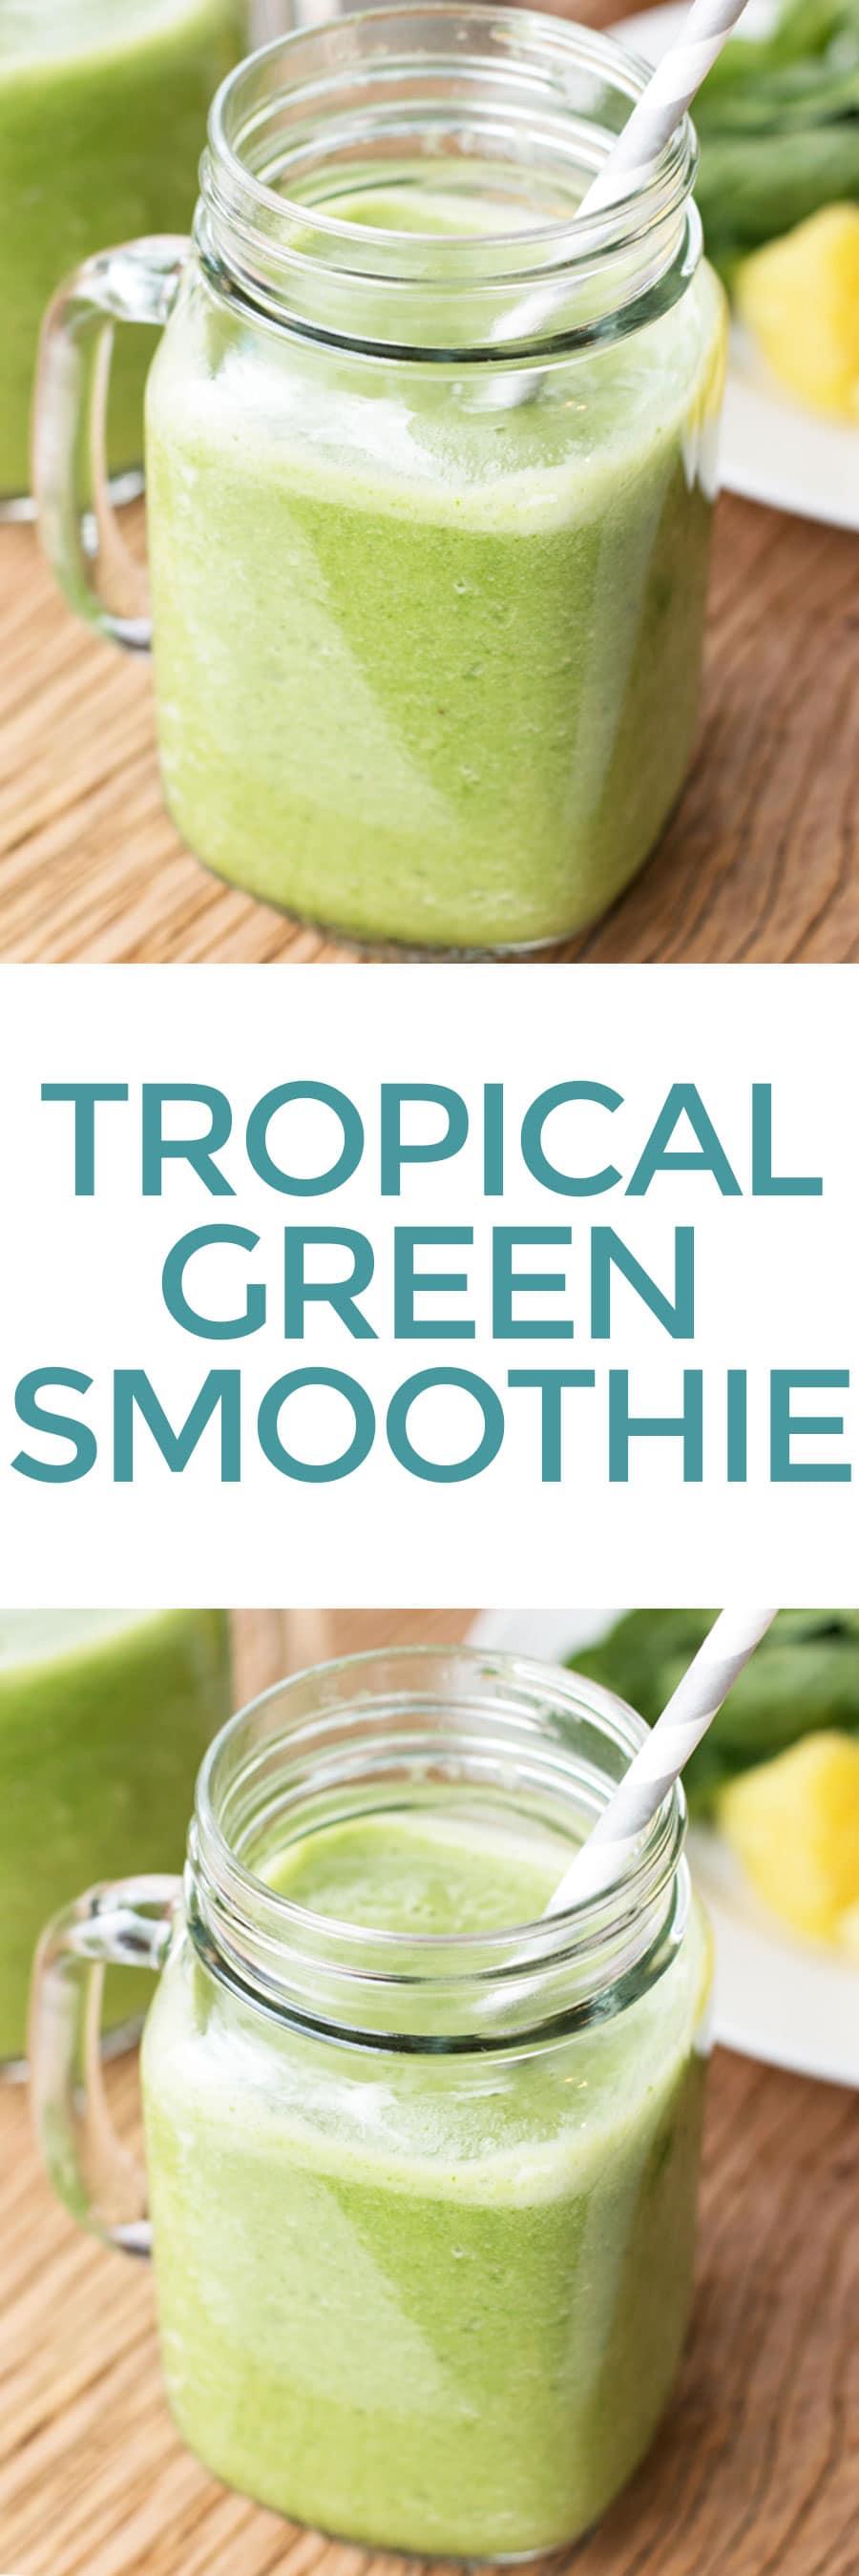 Tropical Green Smoothie | cakenknife.com